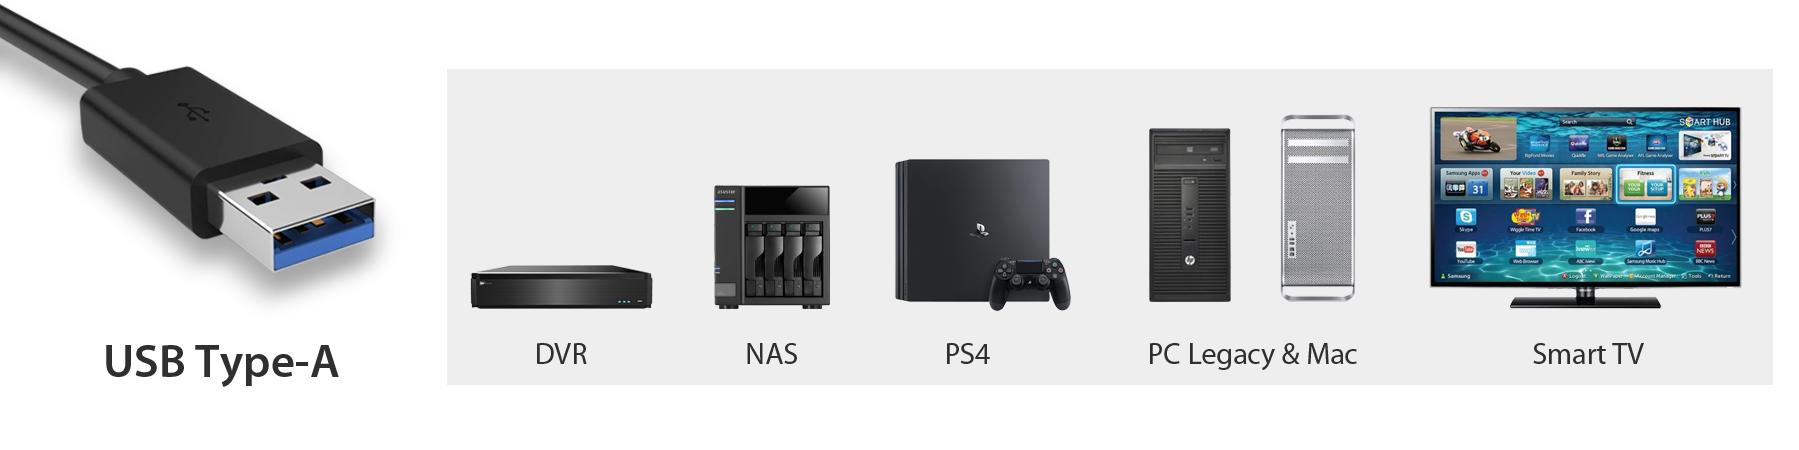 Photo des différents systèmes compatibles avec le MB809U3-1M2B : DVR, NAS, PS4, PC Legacy & Mac, Télé intelligente, Smartphone, ordinateur portable, Macbook, Mac PRO et PC fixe